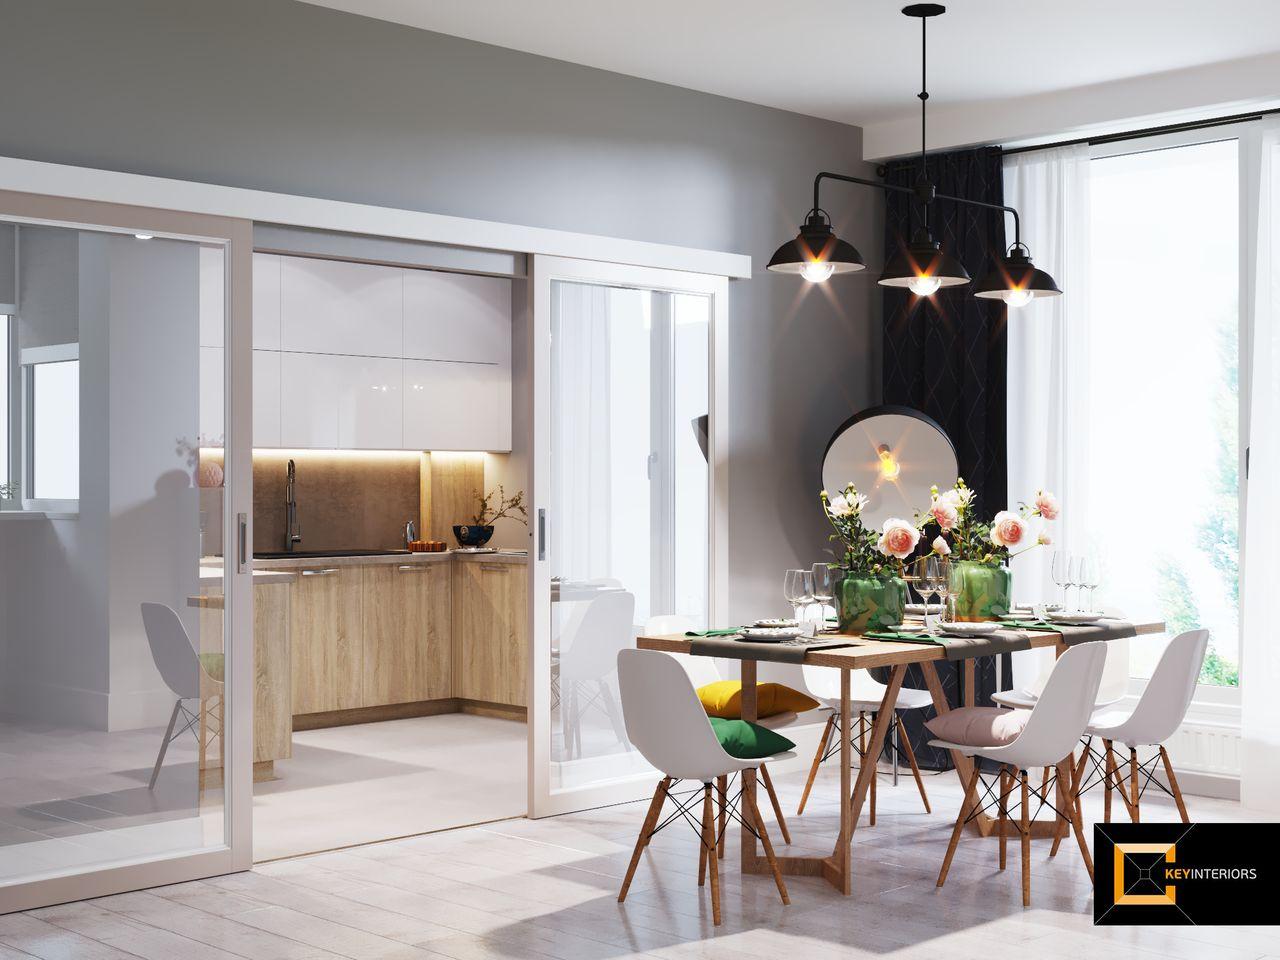 Interior design, uşi culisante